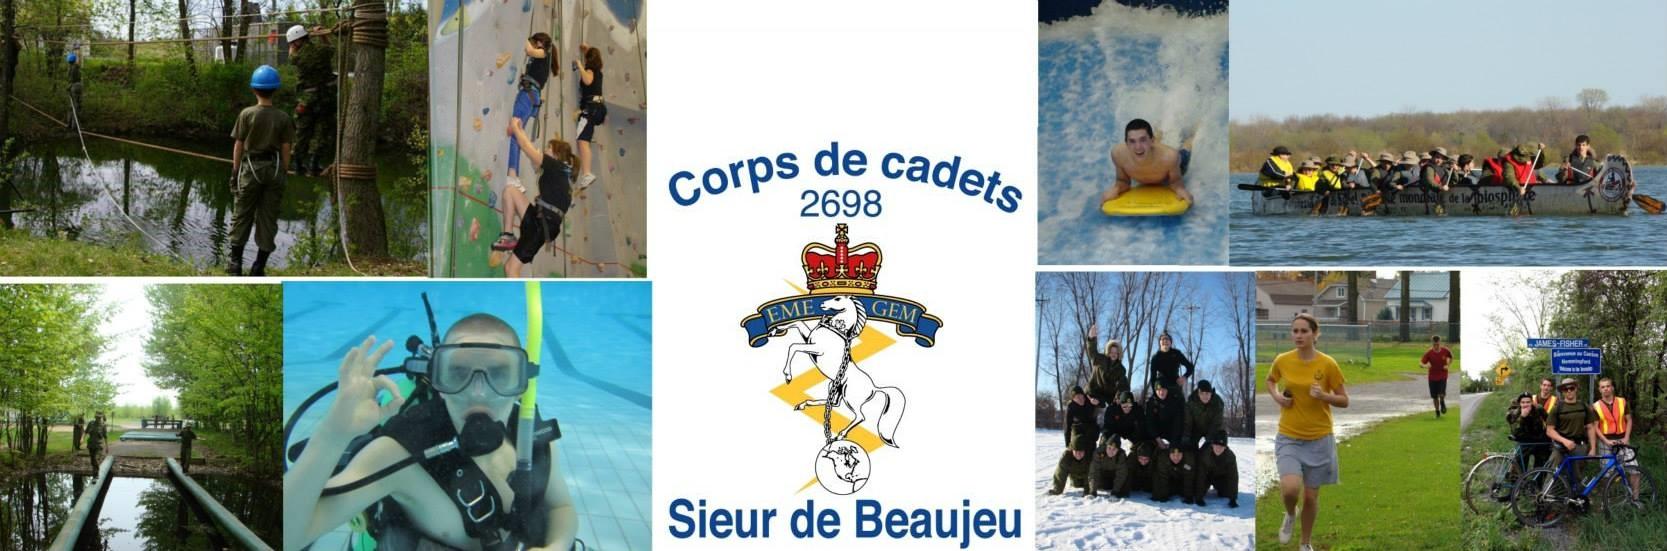 CCRAC 2698 Sieur de Beaujeu